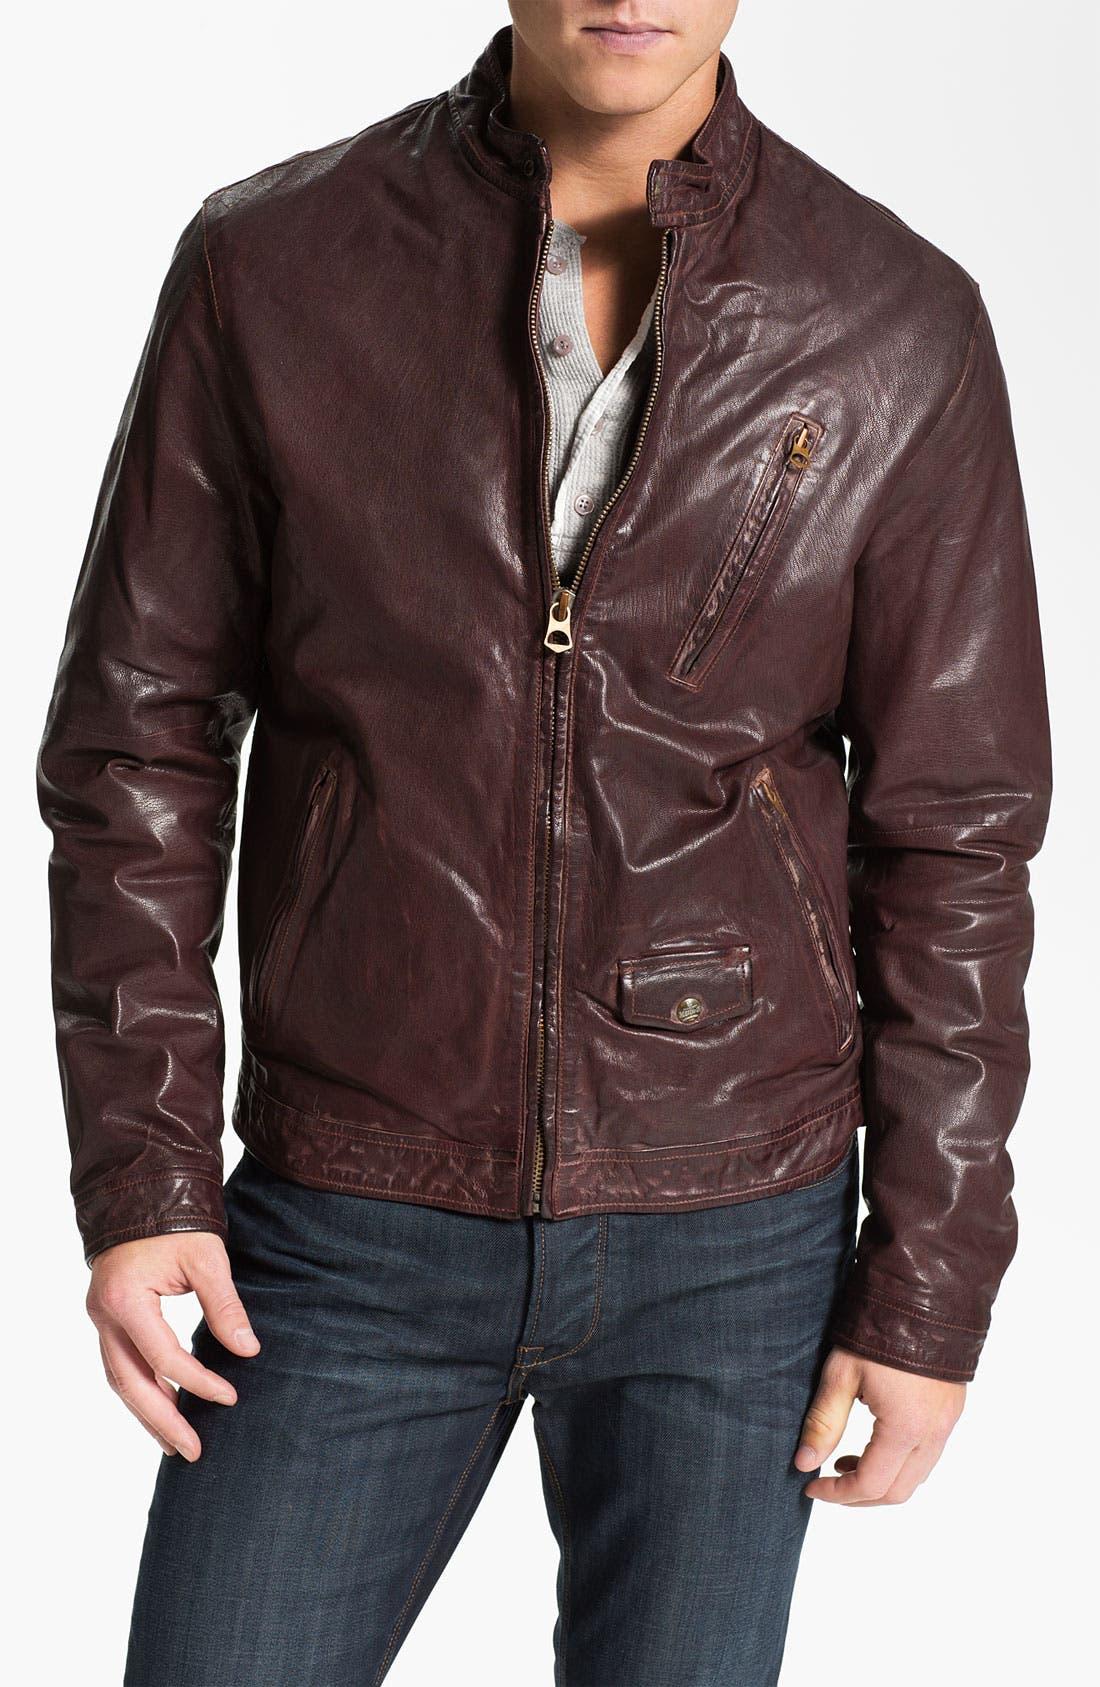 Alternate Image 1 Selected - Scotch & Soda Leather Moto Jacket